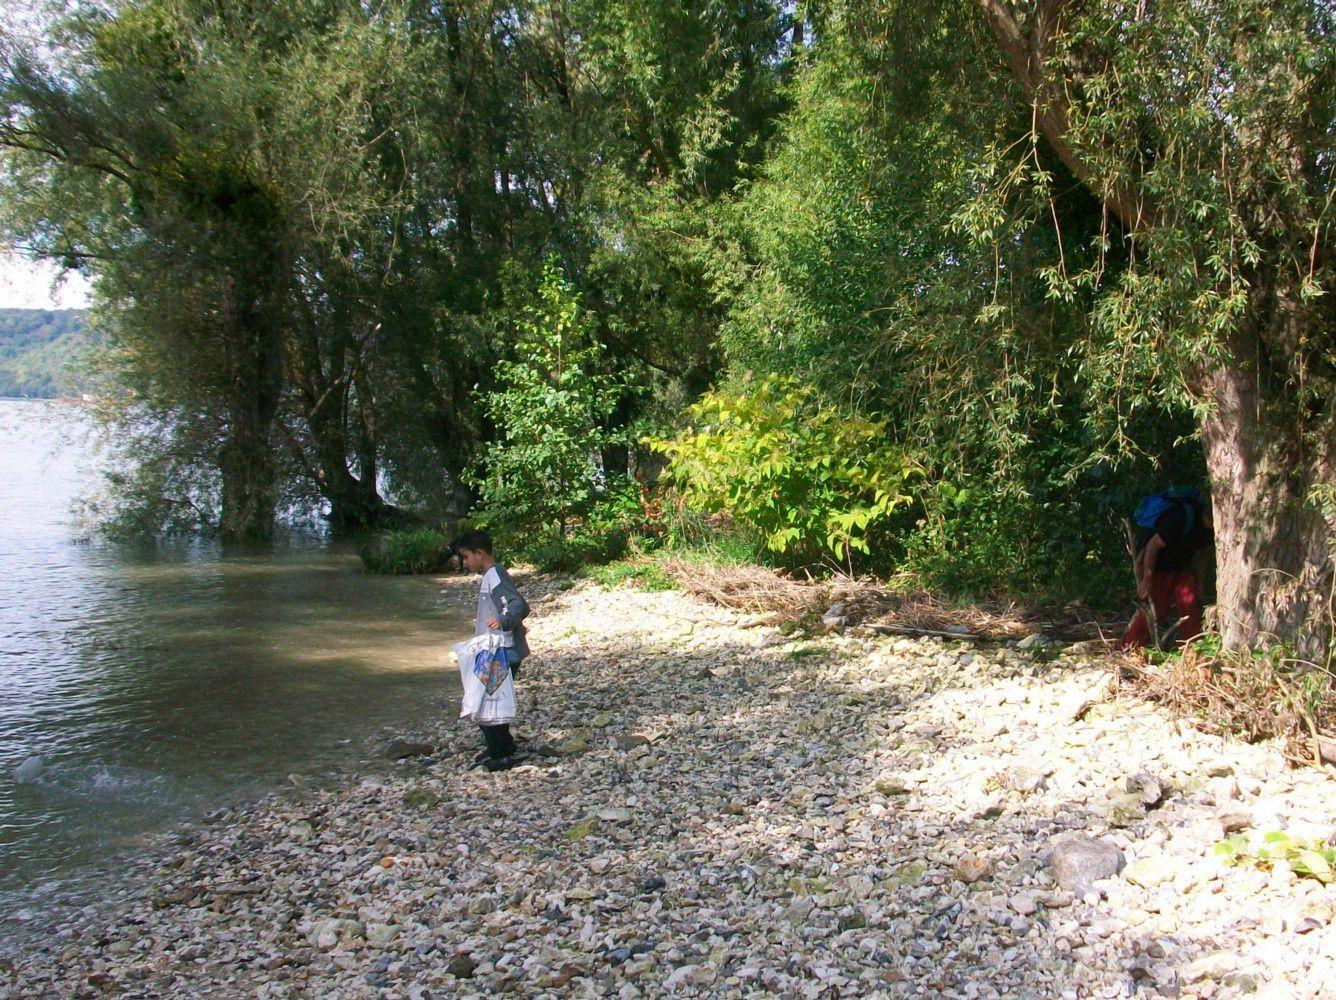 Randonnée pédestre en bord de Seine normande de Poses à l'estuaire - étape 13 - St Martin-de-Boscherville à Hénouville  - rive droite - Seine Maritime - 2008-2015